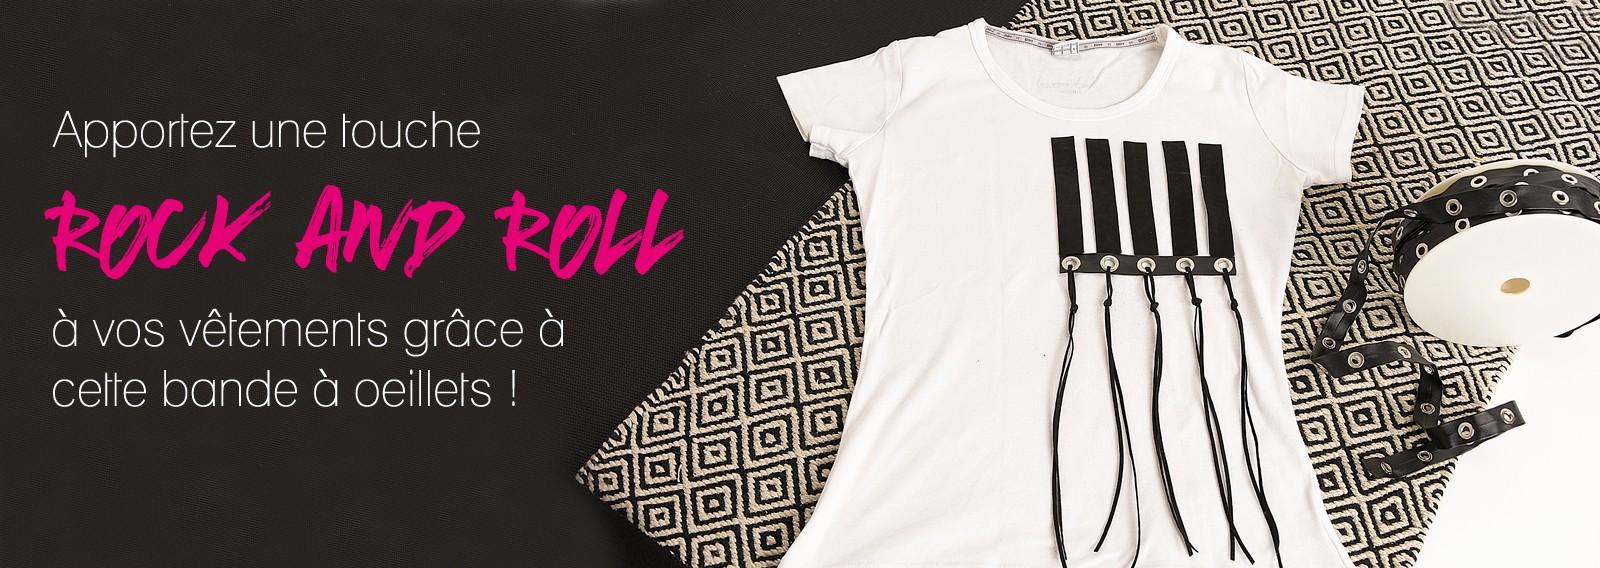 Apportez une touche Rock and Roll à vos vêtements grâce à cette bande à œillets !